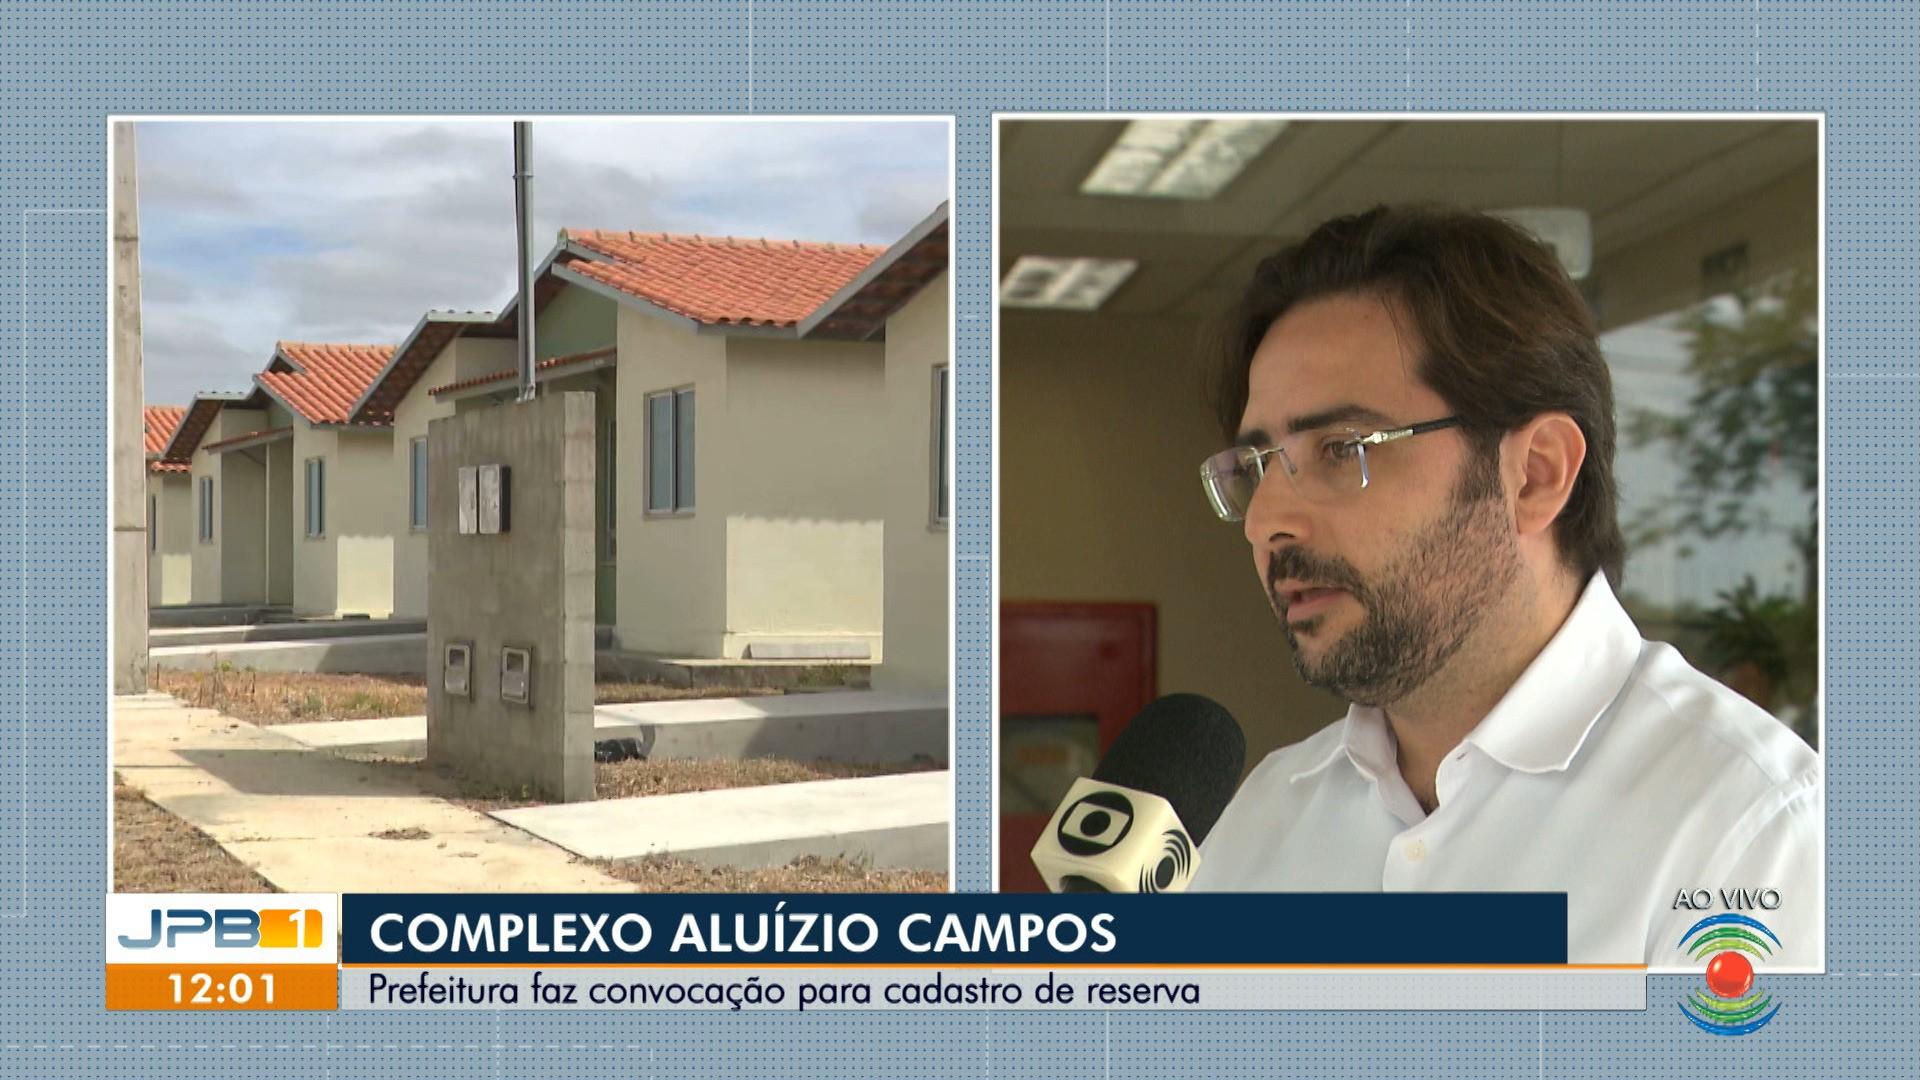 Investigação aponta que celular de Janot foi o primeiro a ser invadido em ataque hacker - Notícias - Plantão Diário